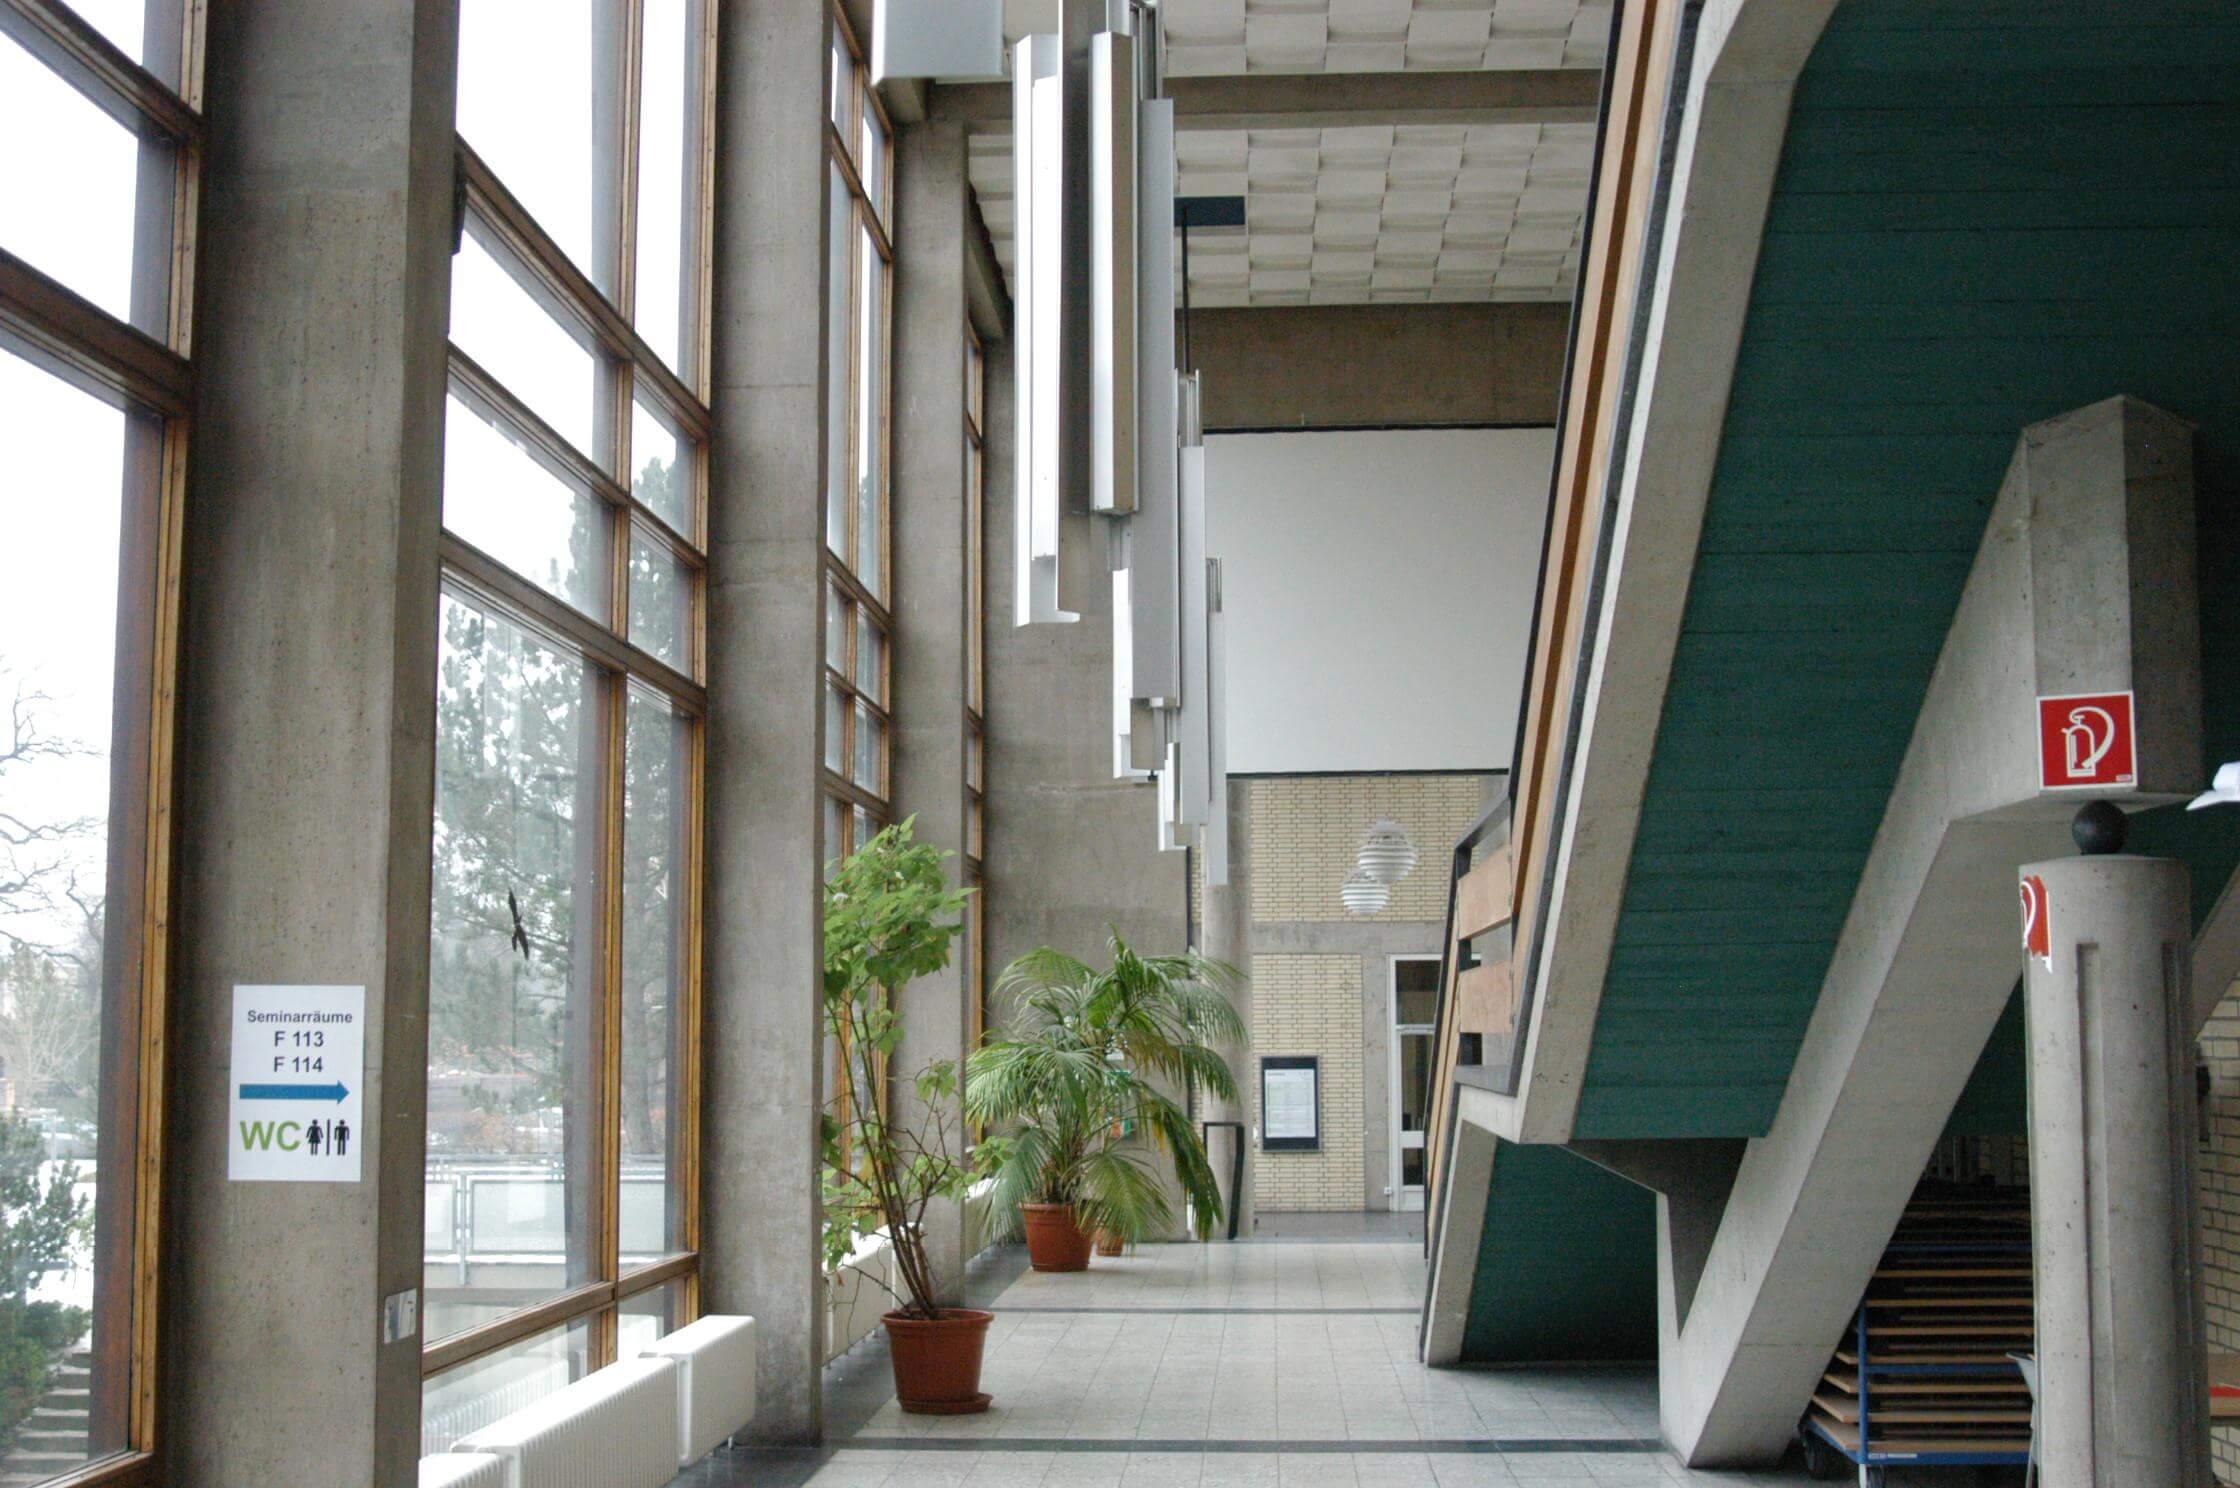 Evangelische Hochschule ist Denkmal des Monats April